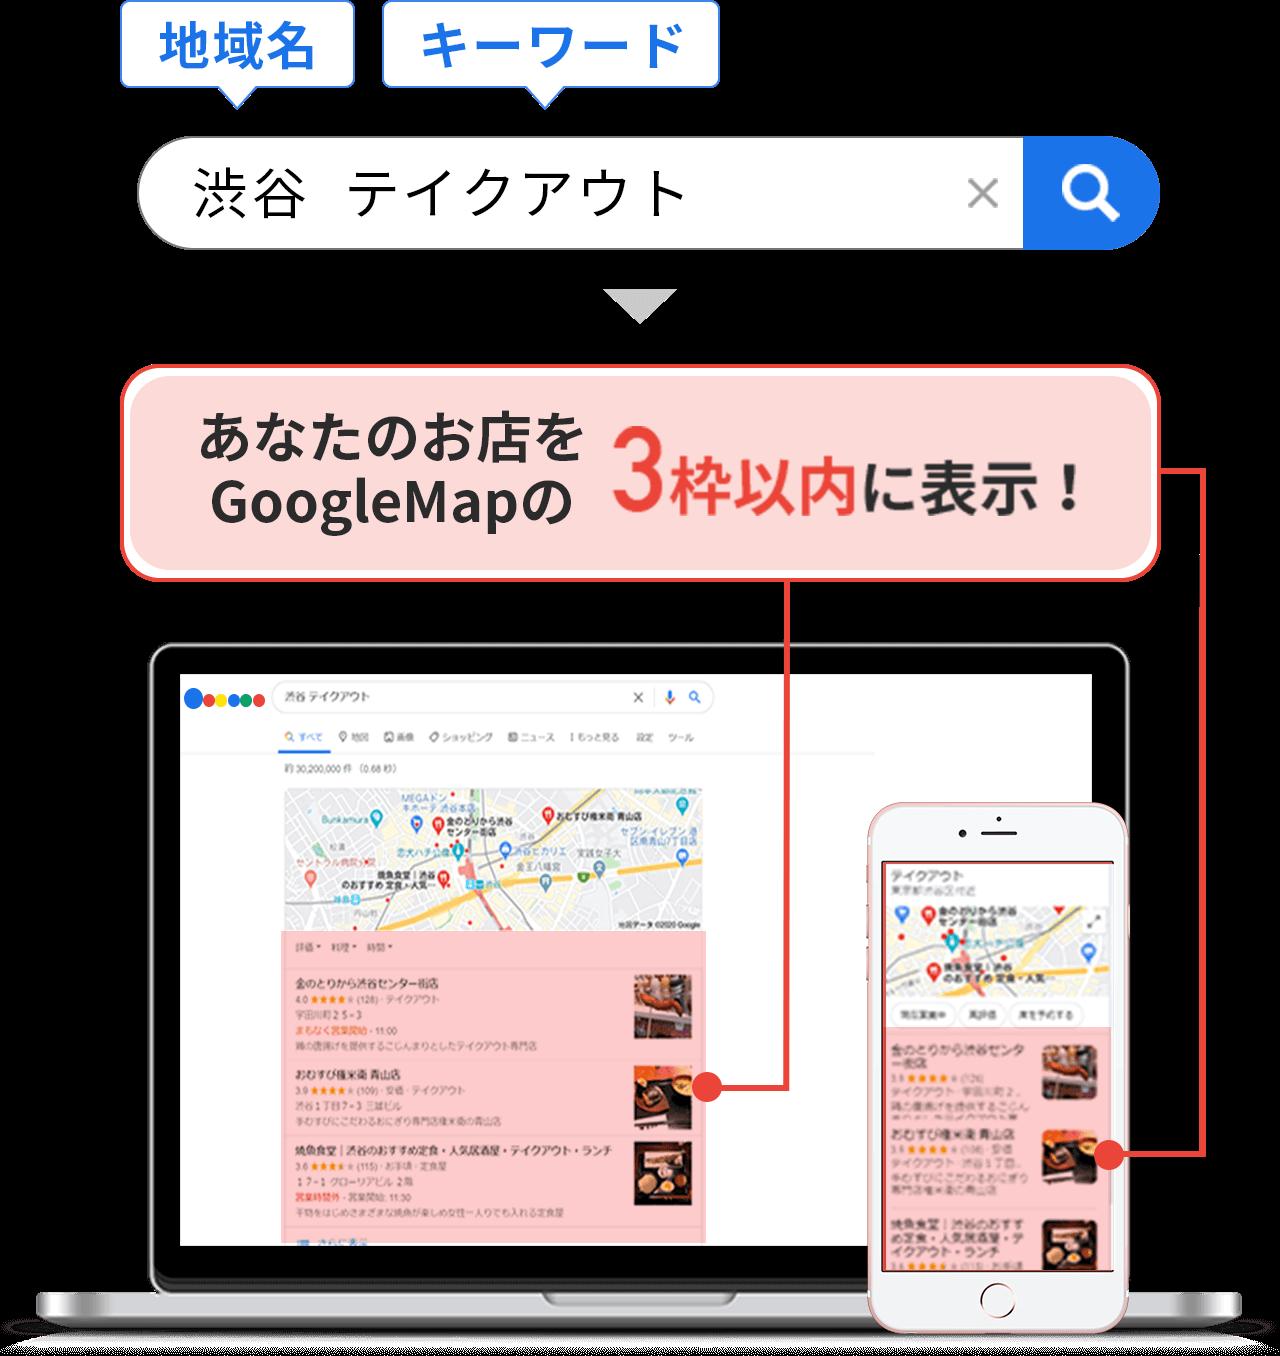 あなたのお店をGoogleMapの3枠以内に表示!